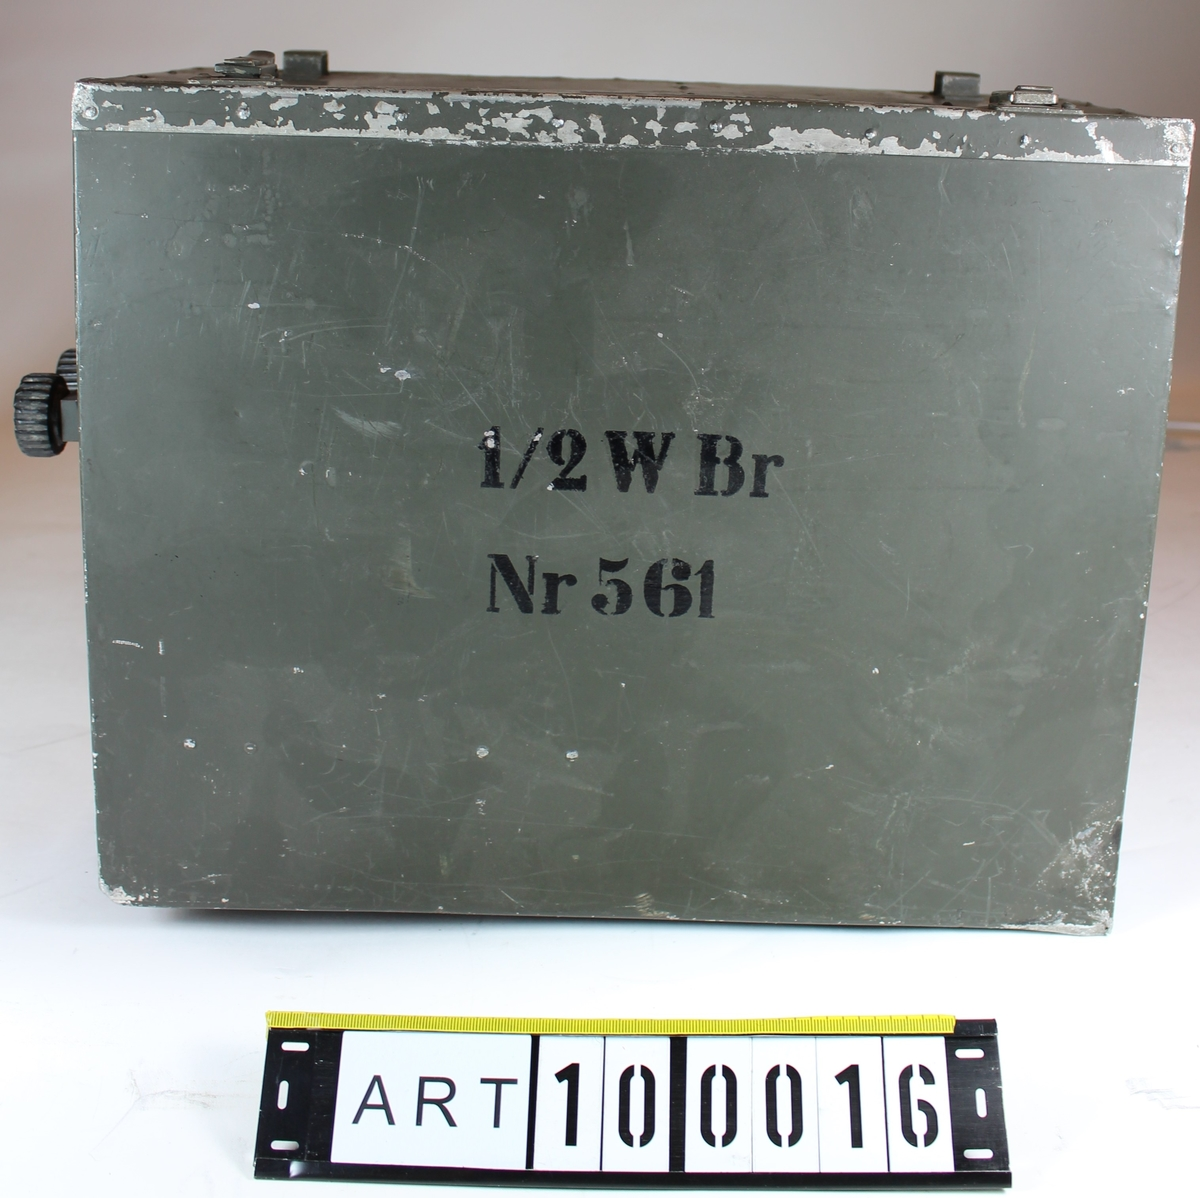 """½ Watts Bärbar Radiostation (½ W Br m/40)  Radiostation från Marconi, typ H-9 tillverkad av SRA (Svenska Radio Aktiebolaget).  Stationen är en kombinerad AM sändare och superregenerativ mottagare, endast två rör används. Vid sändning arbetar det ena röret som oscillator och det andra som moduleringsförstärkare.  Vid mottagning arbetar det ena röret som superregenerativ detektor och det andra som lågfrekvensförstärkare.  Radiostationen inköptes i stort antal, trots att man var medveten om svagheter och allvarliga konstruktionsmissar i konstruktionen. Dessa visade sig senare vara så allvarliga att när radiostationen kom ut på förbanden bedömdes den som obrukbar. En tid senare skrotades alla radiostationerna.  Tekniska data Sändningsslagtelefoni (A3) Frekvensomfång54 - 63 MHz (5,25 - 4,75 meter) Rörbestyckning2 st. LP2 Strömförsörjning1 st. anodbatteri 108 V, A108 1 st. glödströmsbatterier 3 V, C3  Tillverkad avSRA (Svenska Radio Aktiebolaget), Stockholm  Underlag till """"beskrivning"""" är i huvudsak hämtat ur Försvarets Historiska Telesamlingar Armén, sammanställning över arméns lätta radiostationer under 1900-talet av Sven Bertilsson och Thomas Hörstedt (Grön radio)."""